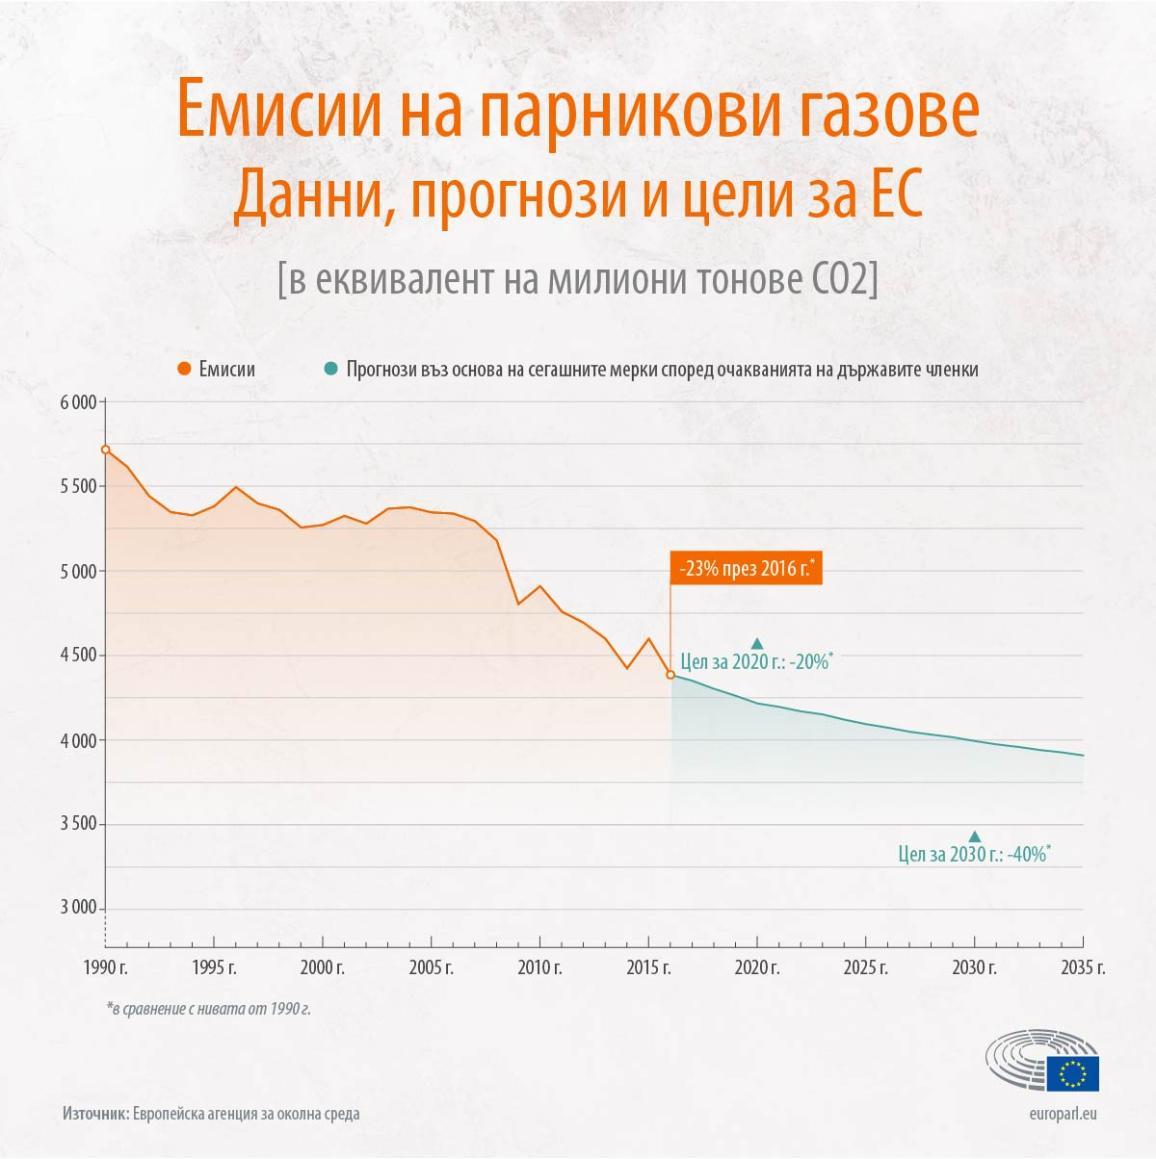 Инфографика: емисиите на парникови газове в ЕС